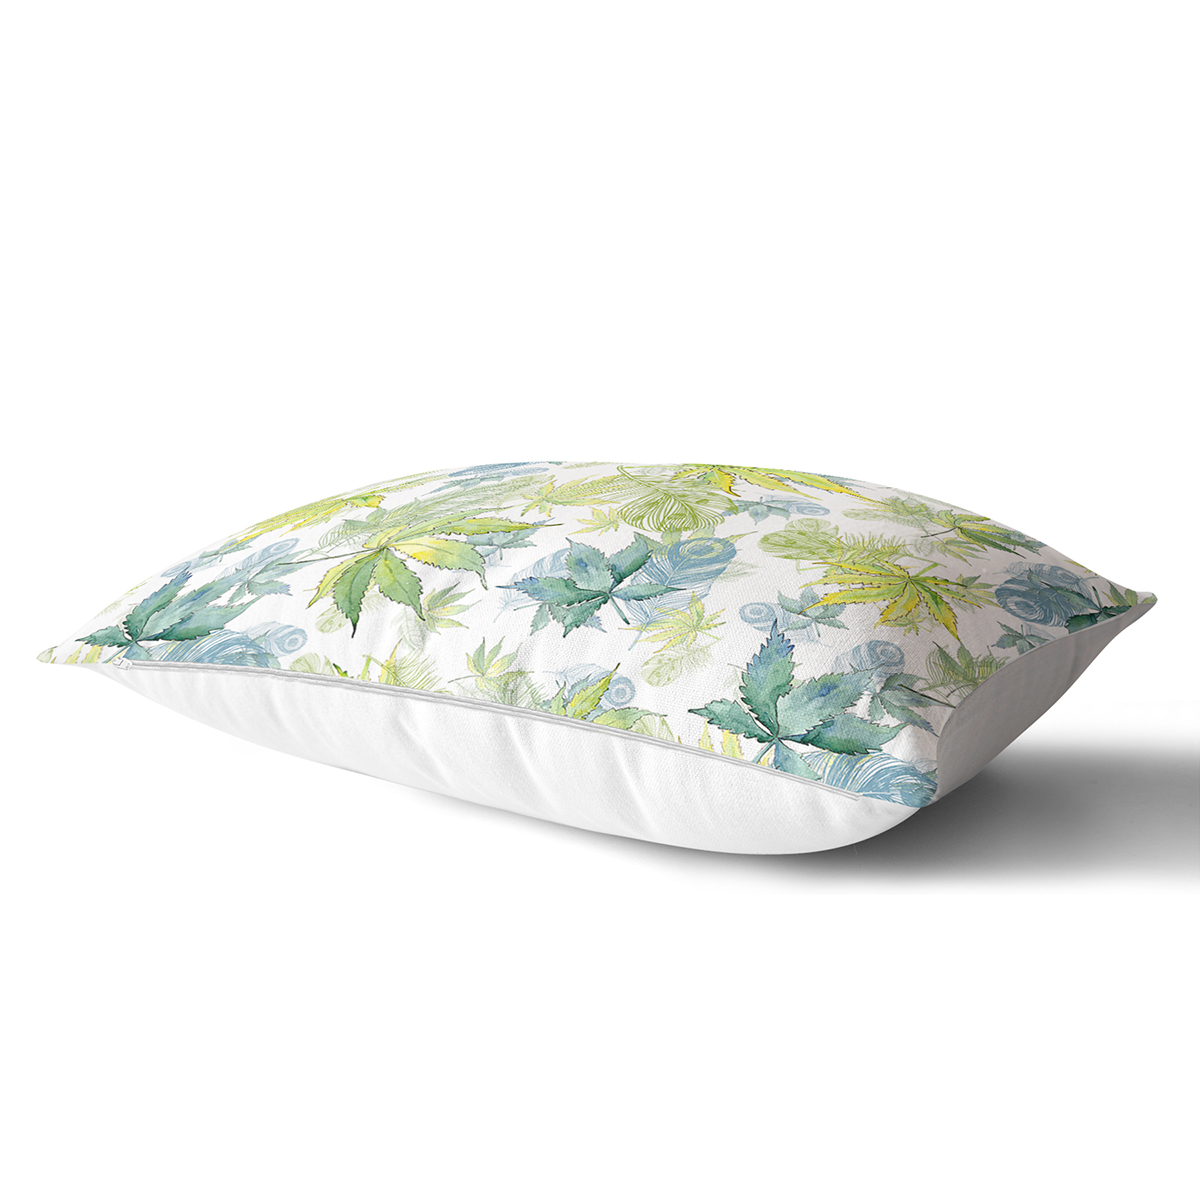 Beyaz Zemin Üzerinde Yeşil Renkli Yaprak Desenli Modern Dikdörtgen Yastık Kırlent Kılıfı Realhomes